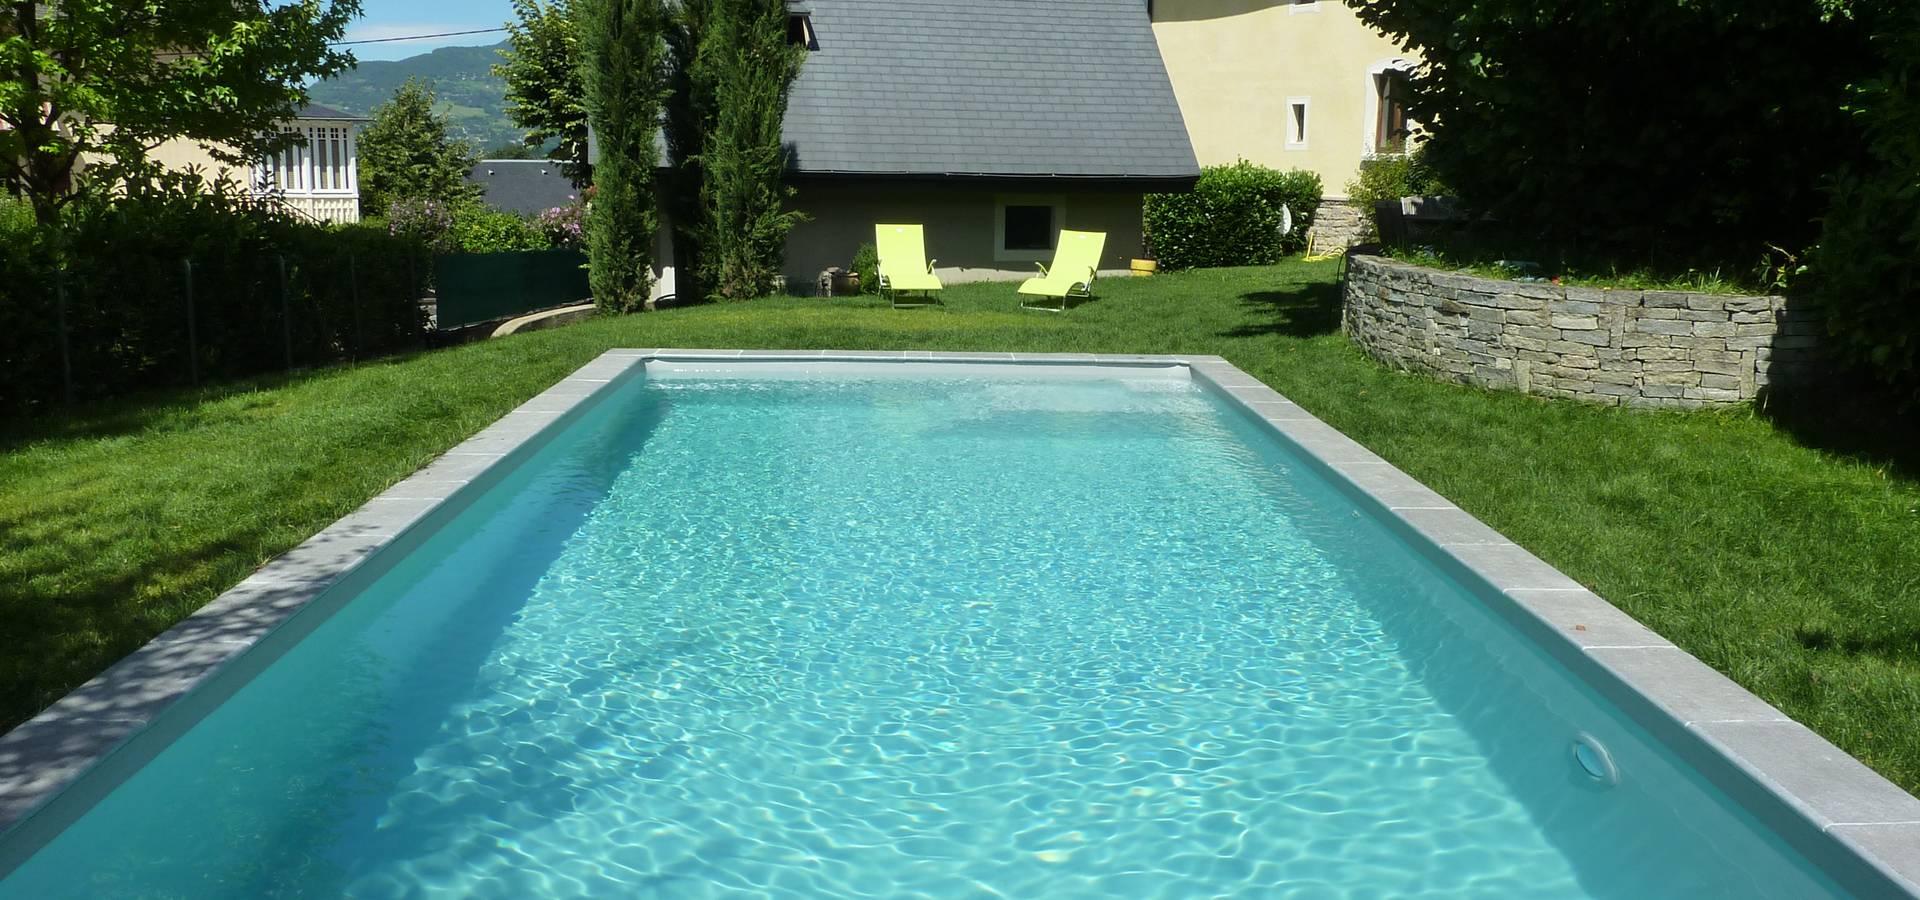 Construction D Une Piscine construction d'une piscine enterrée et terrasse bois par